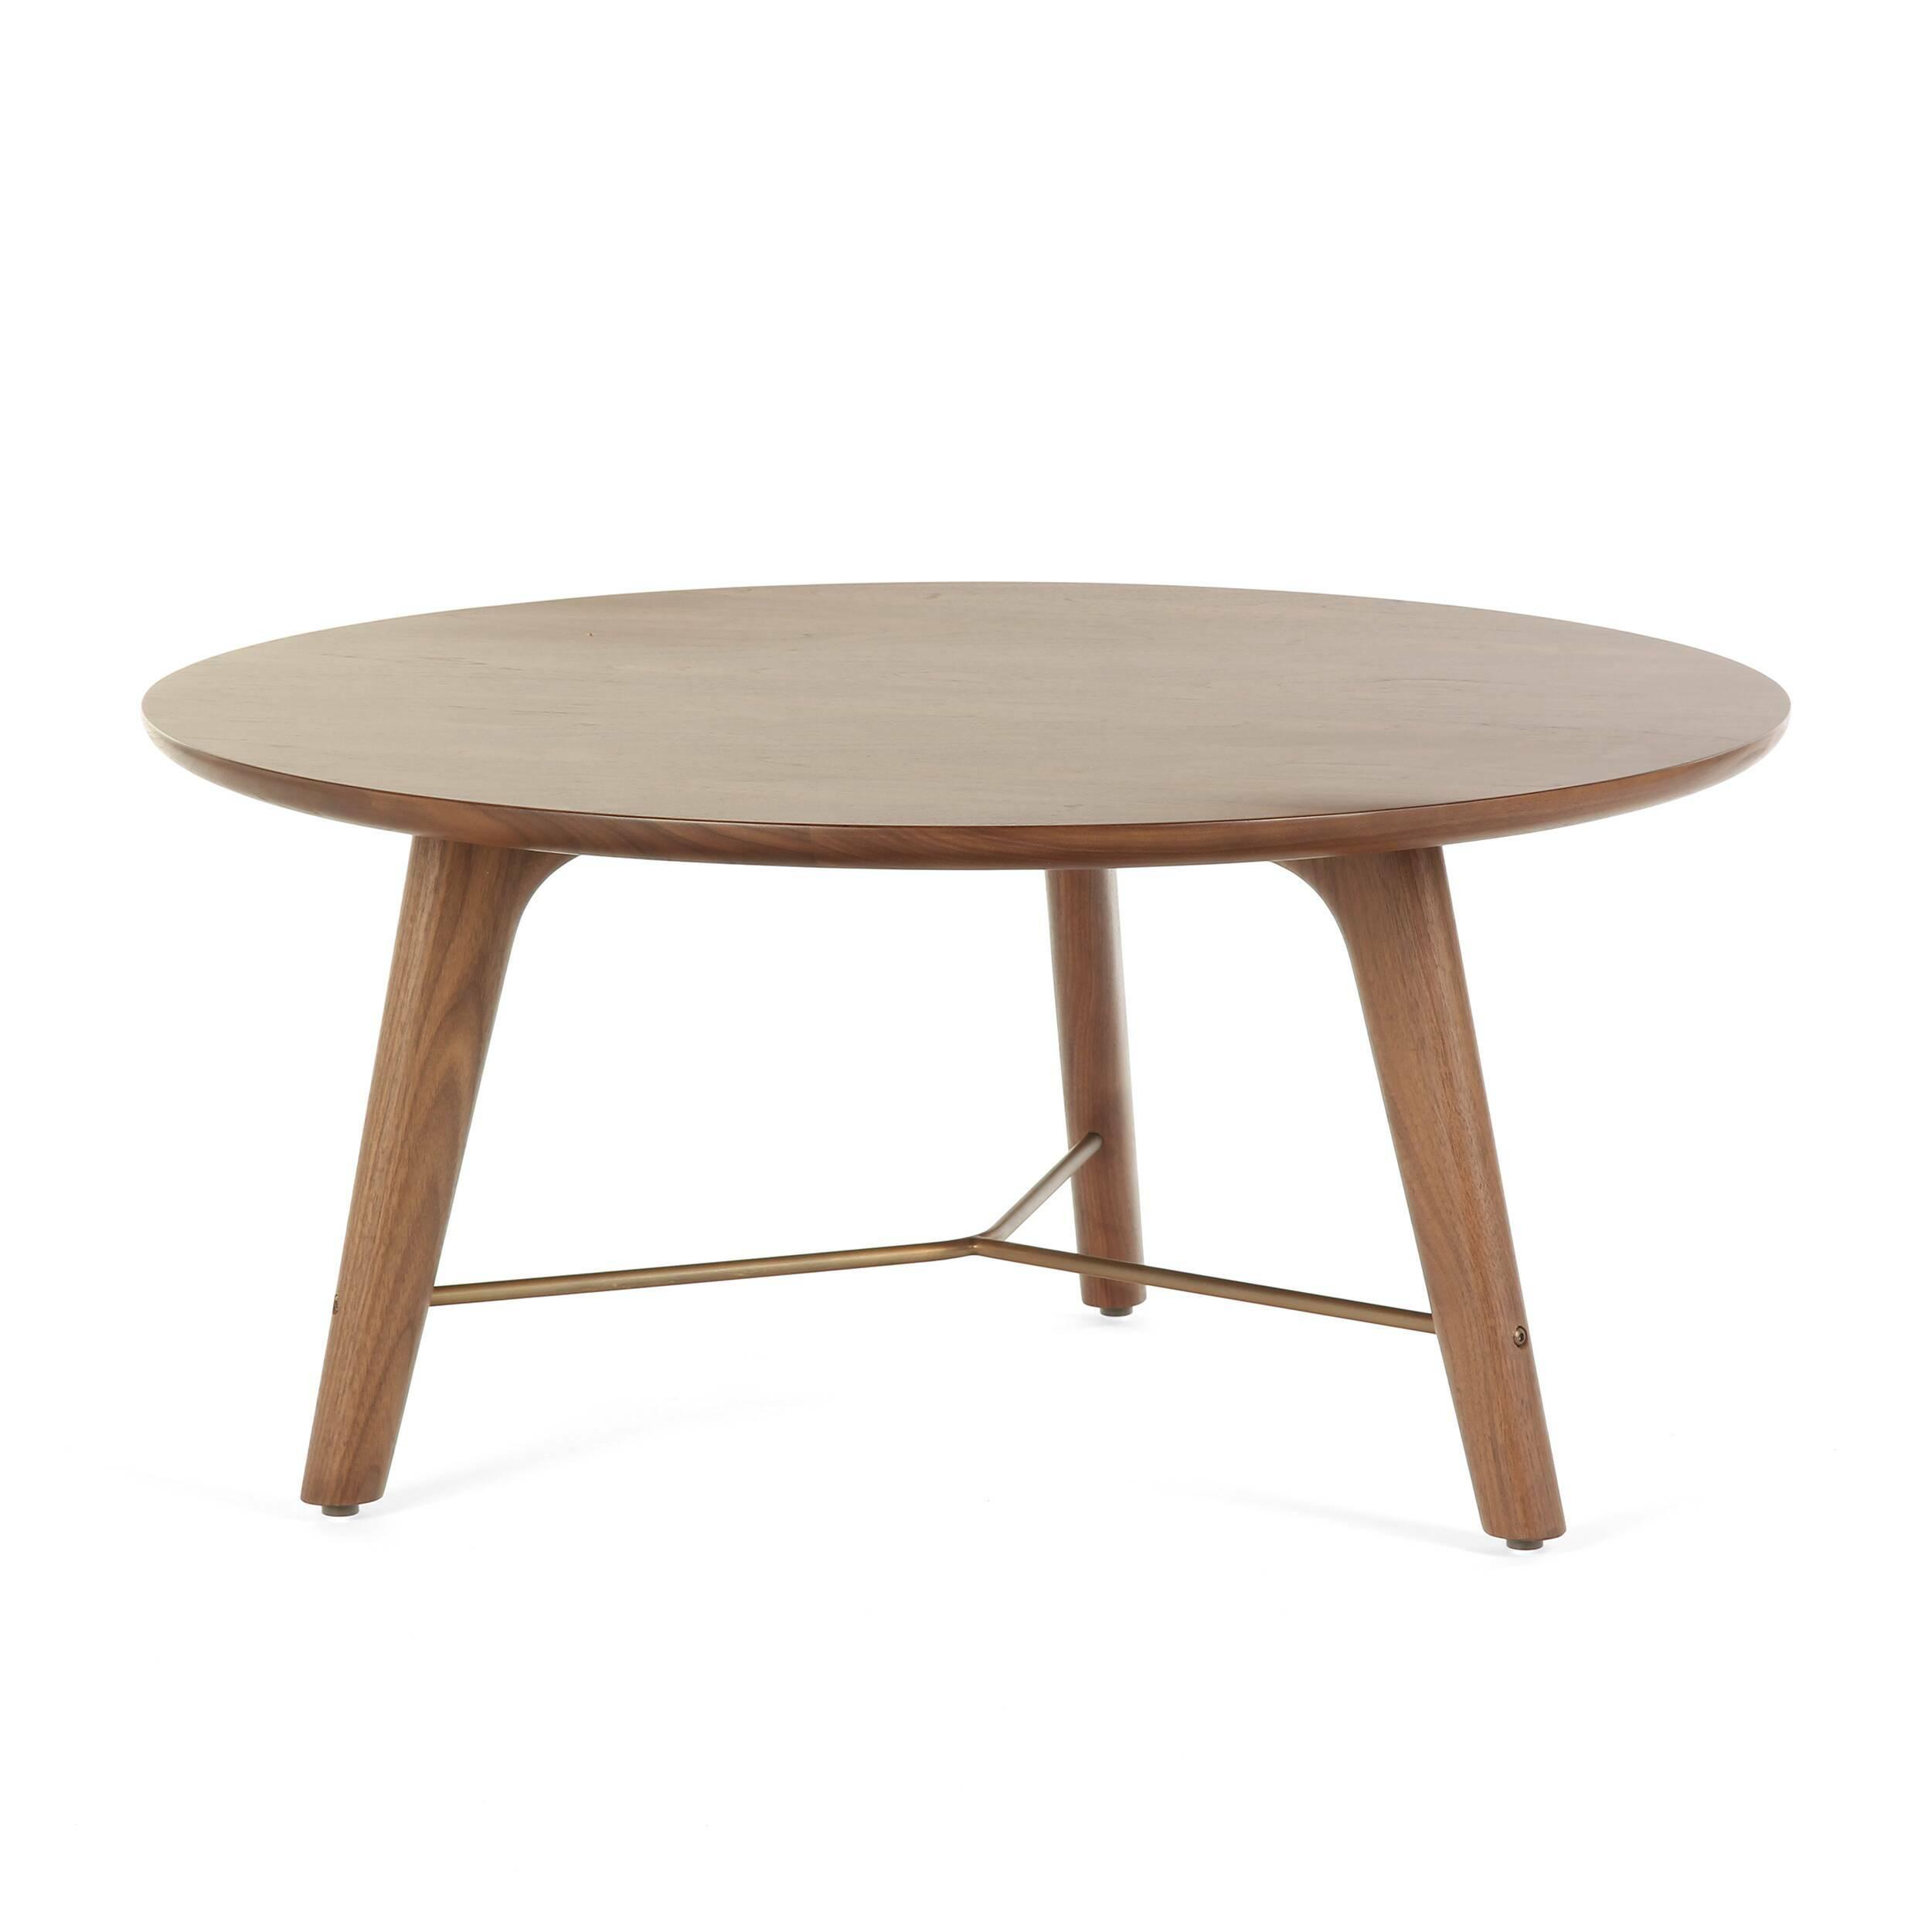 Кофейный стол Utility высота 39 диаметр 80 кофейный стол triple x высота 56